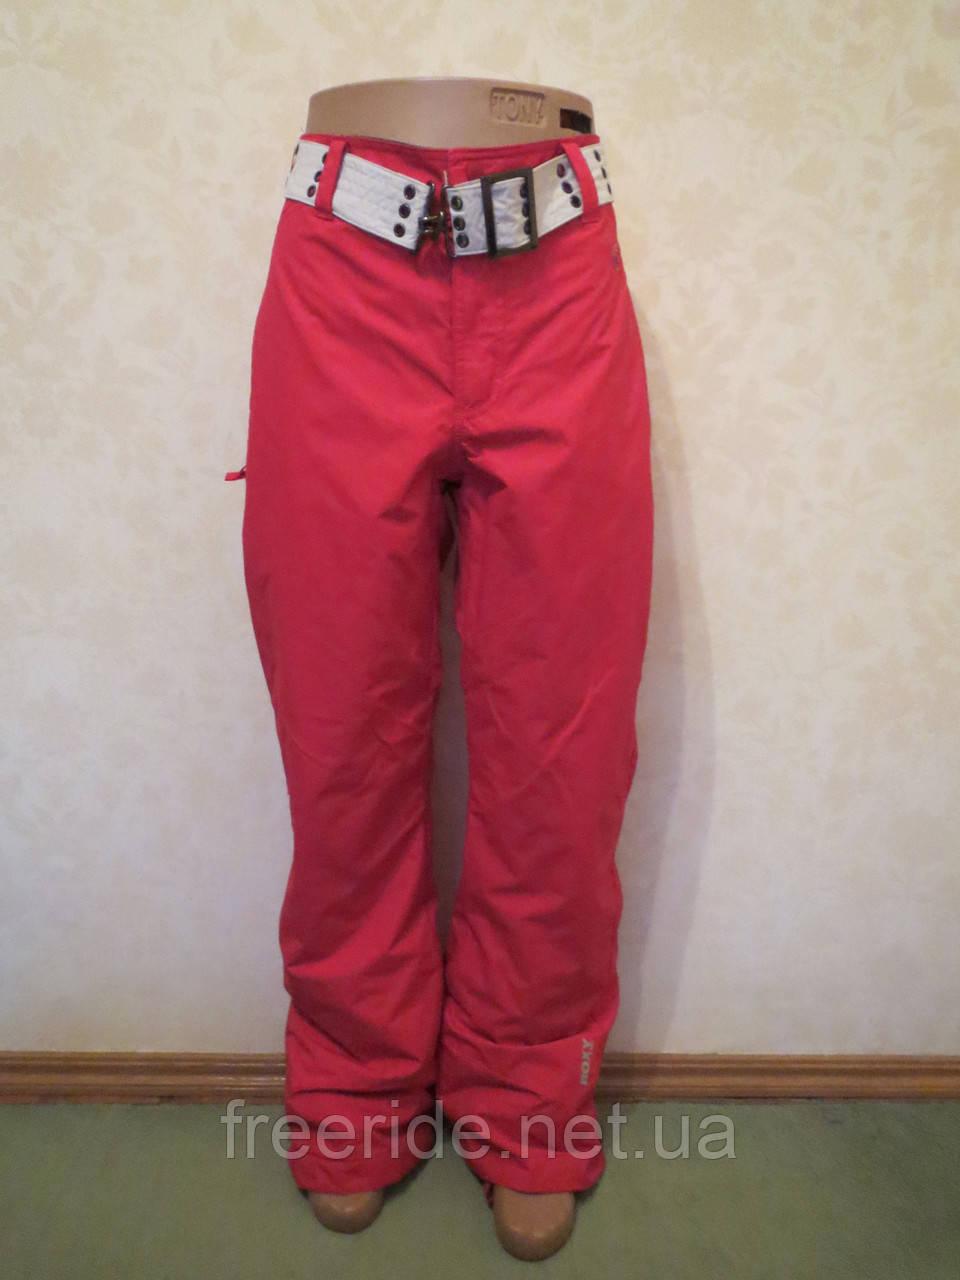 Горнолыжные штаны Quiksilver Roxy life (4) Quik Tech 3000